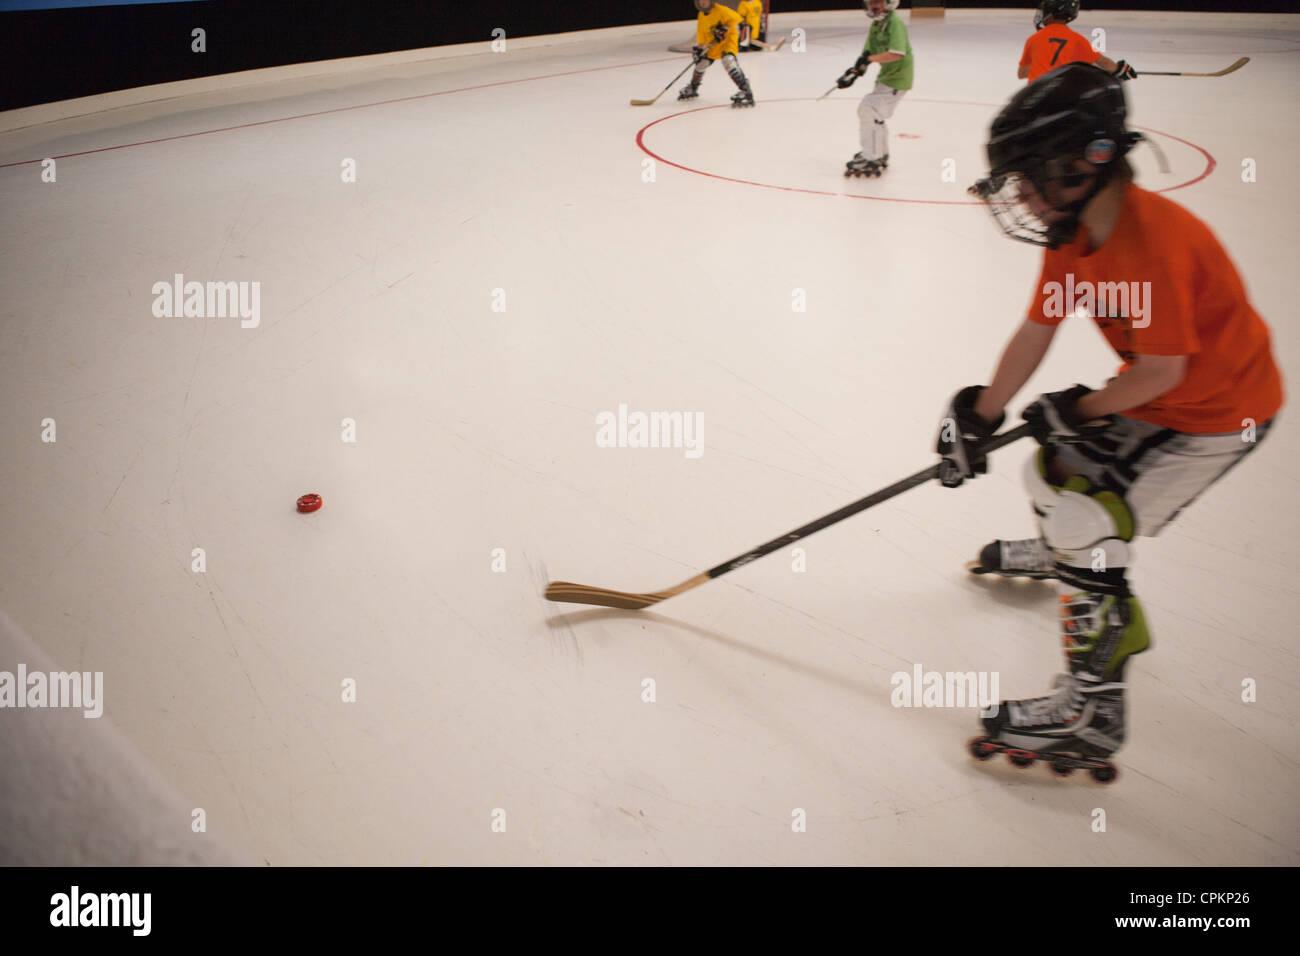 Jugador de hockey sobre hielo, patinaje sobre hielo en la juventud, con el objetivo de liga de hockey puck. Imagen De Stock